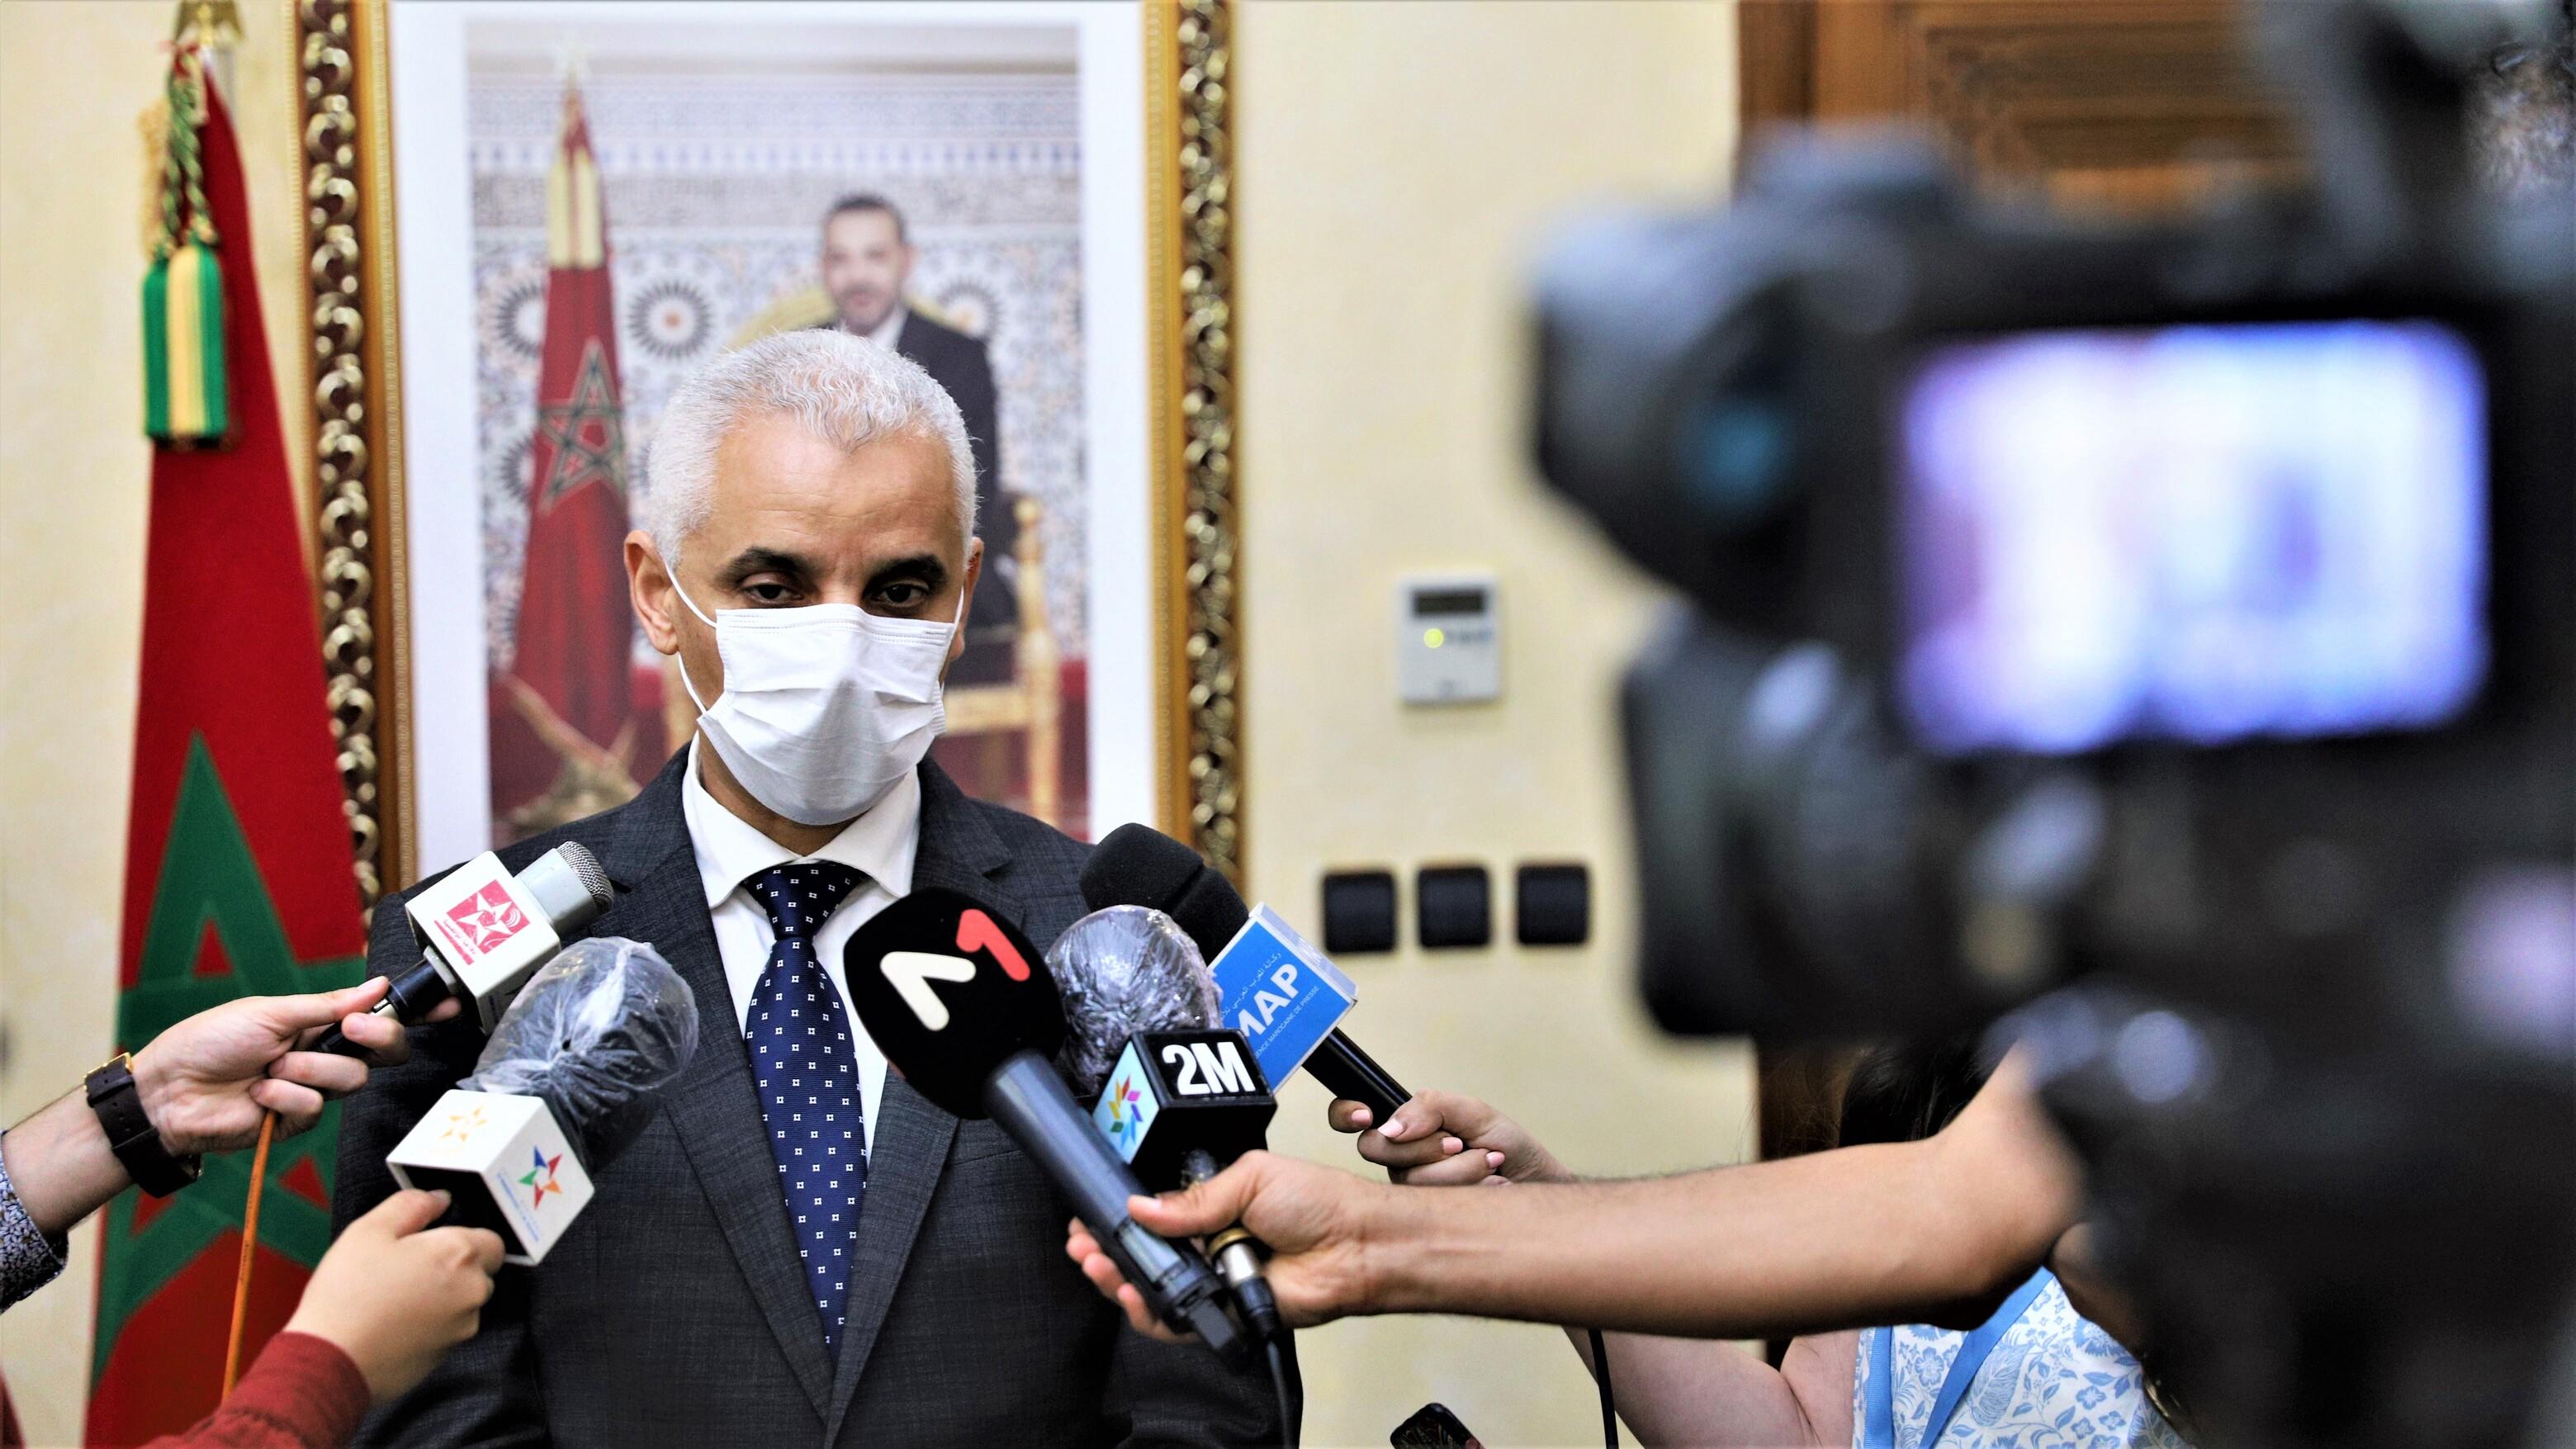 Ait Taleb appelle les Marocains à se faire vacciner pour atteindre l'immunité collective